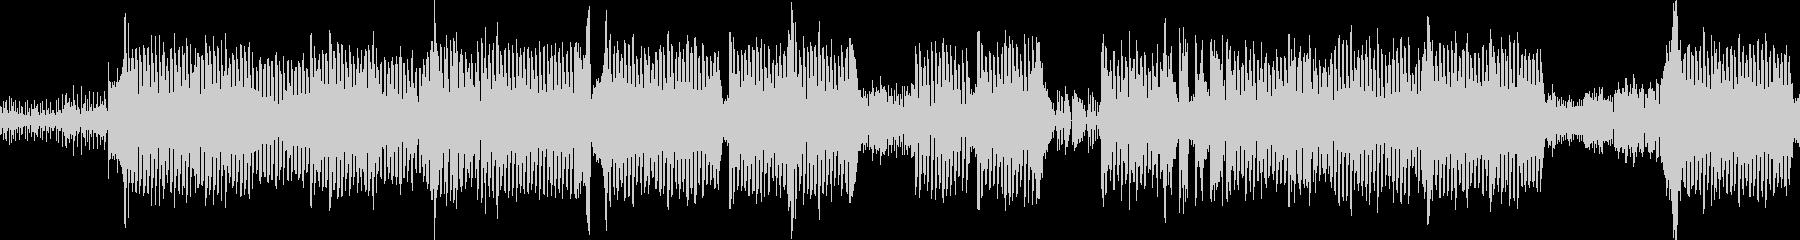 疾走感のあるおしゃれなコードのEDMの未再生の波形